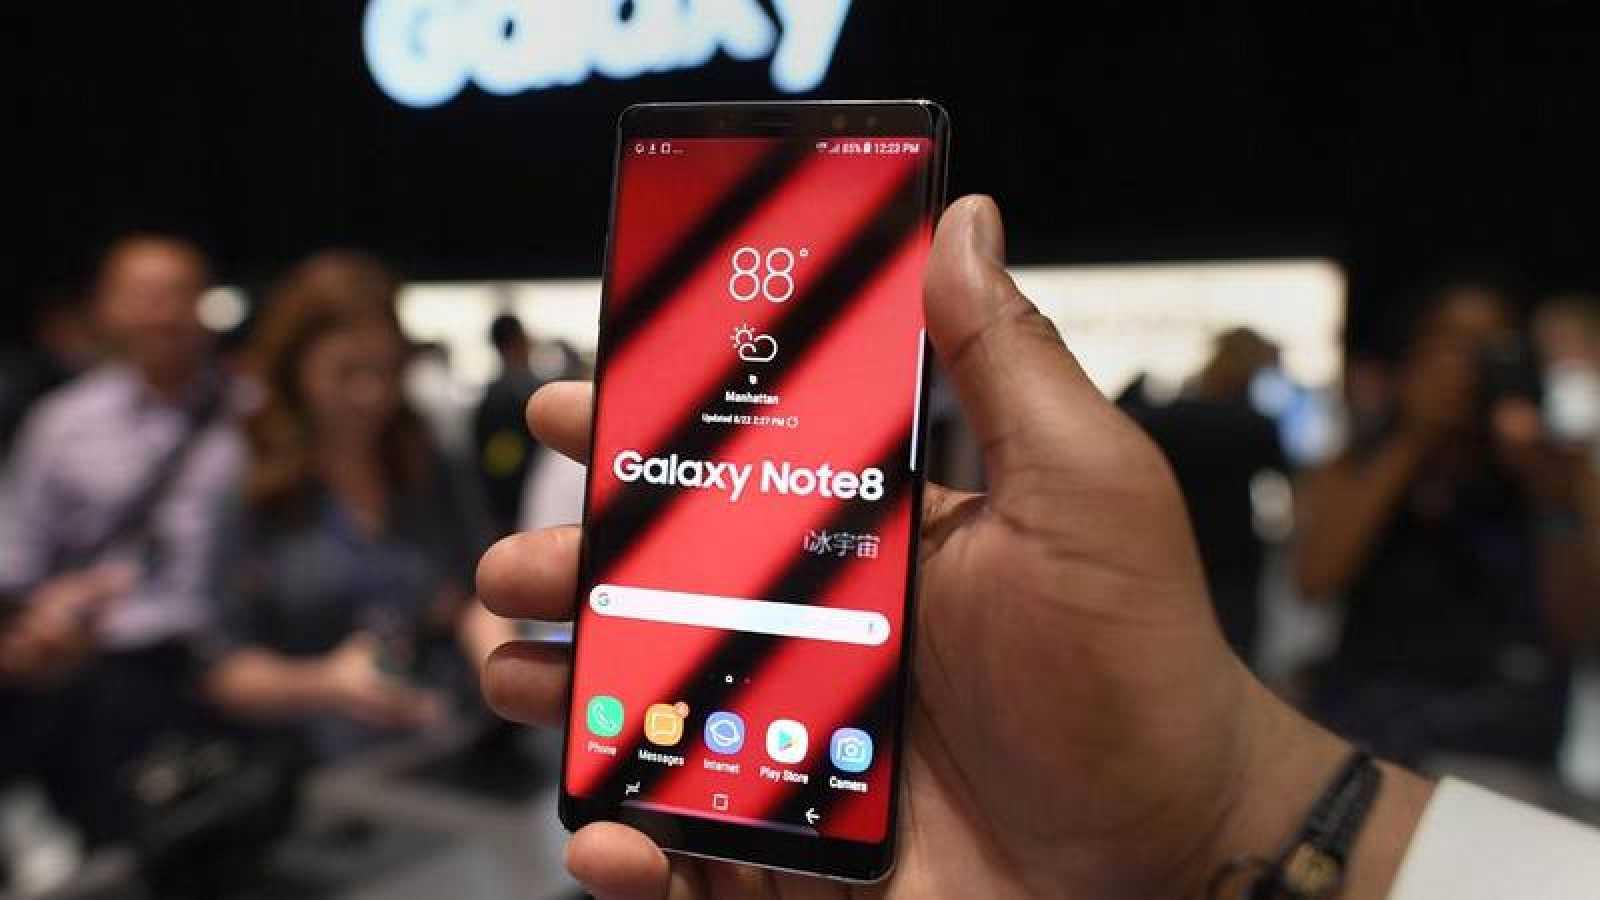 El nuevo Galaxy Note 8 monta un procesador Exynos 8895, con 6GB de RAM.